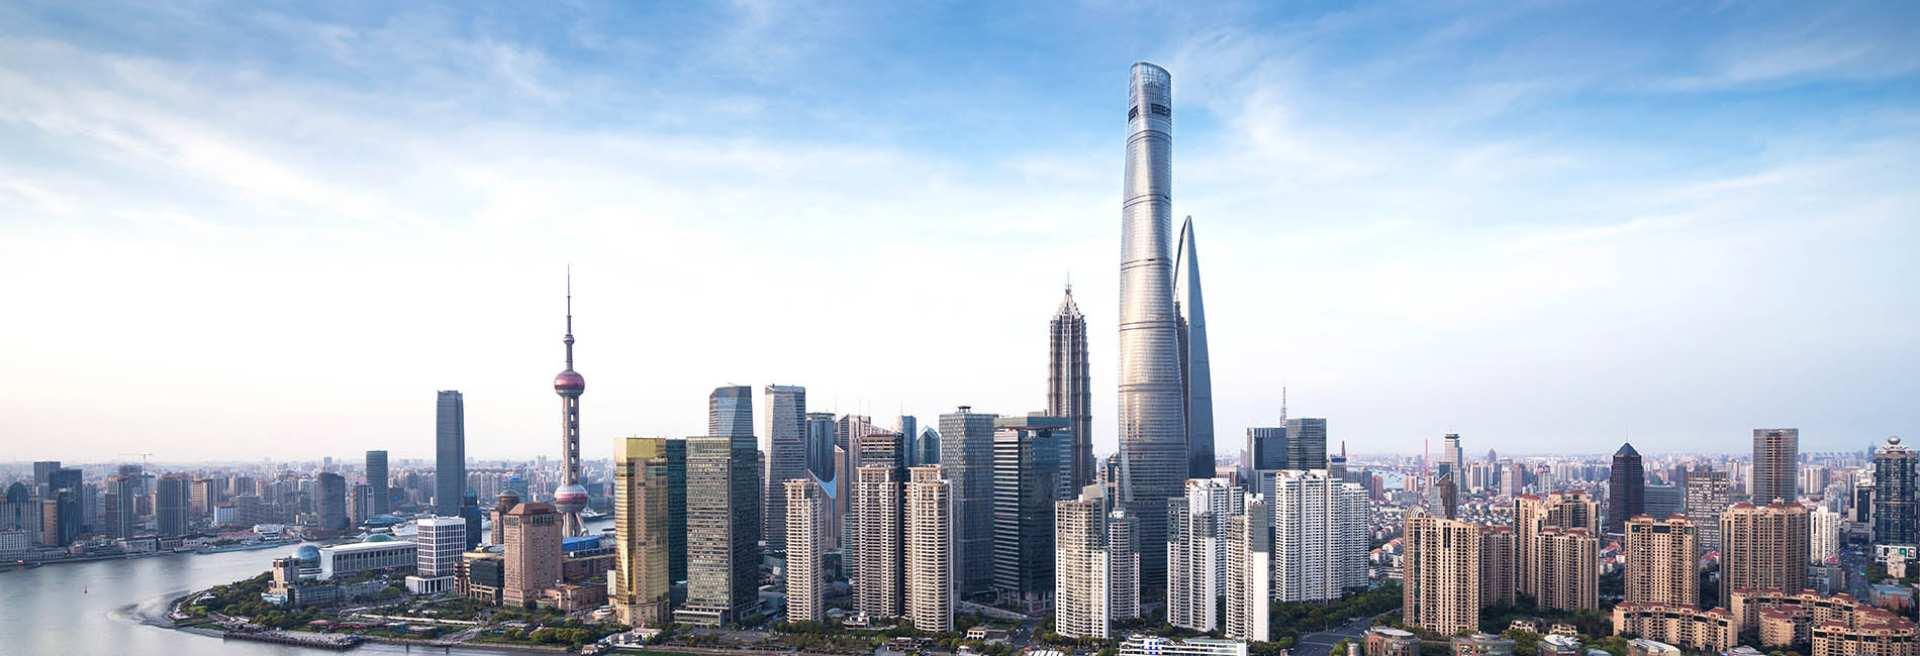 【上海最高景觀台】上海中心大廈 118 樓觀景台電子門票